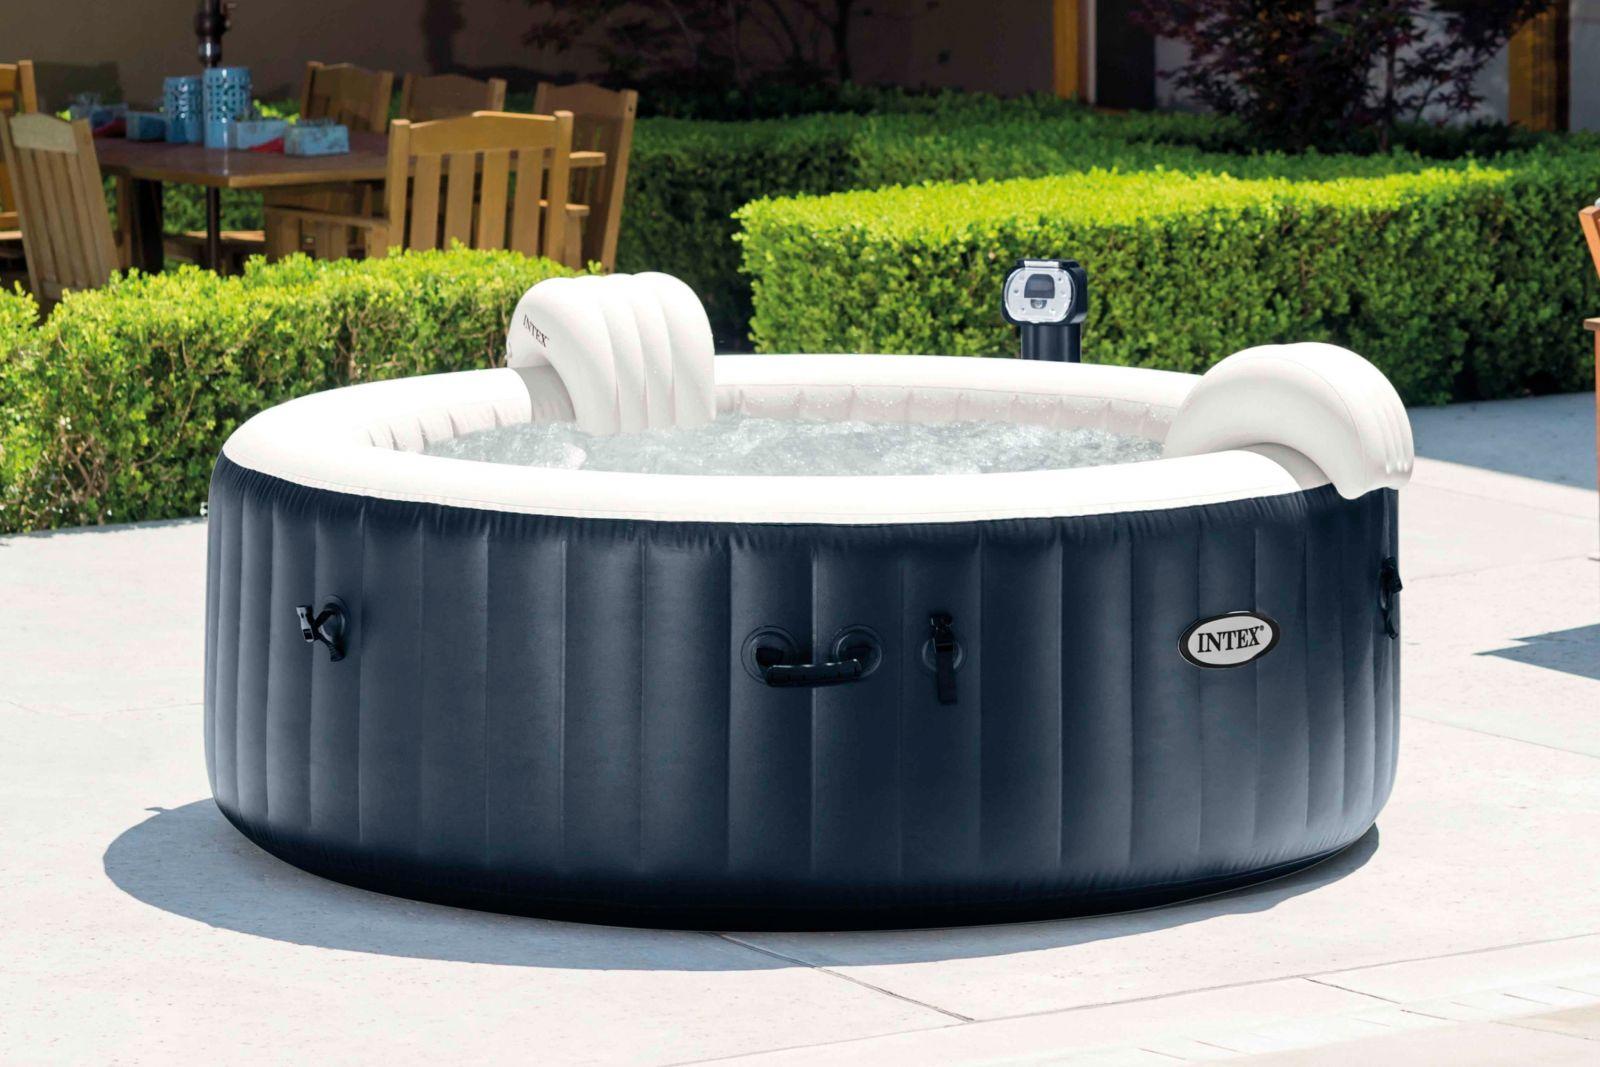 INTEX Bazén vířivý Pure Spa HWS modrý